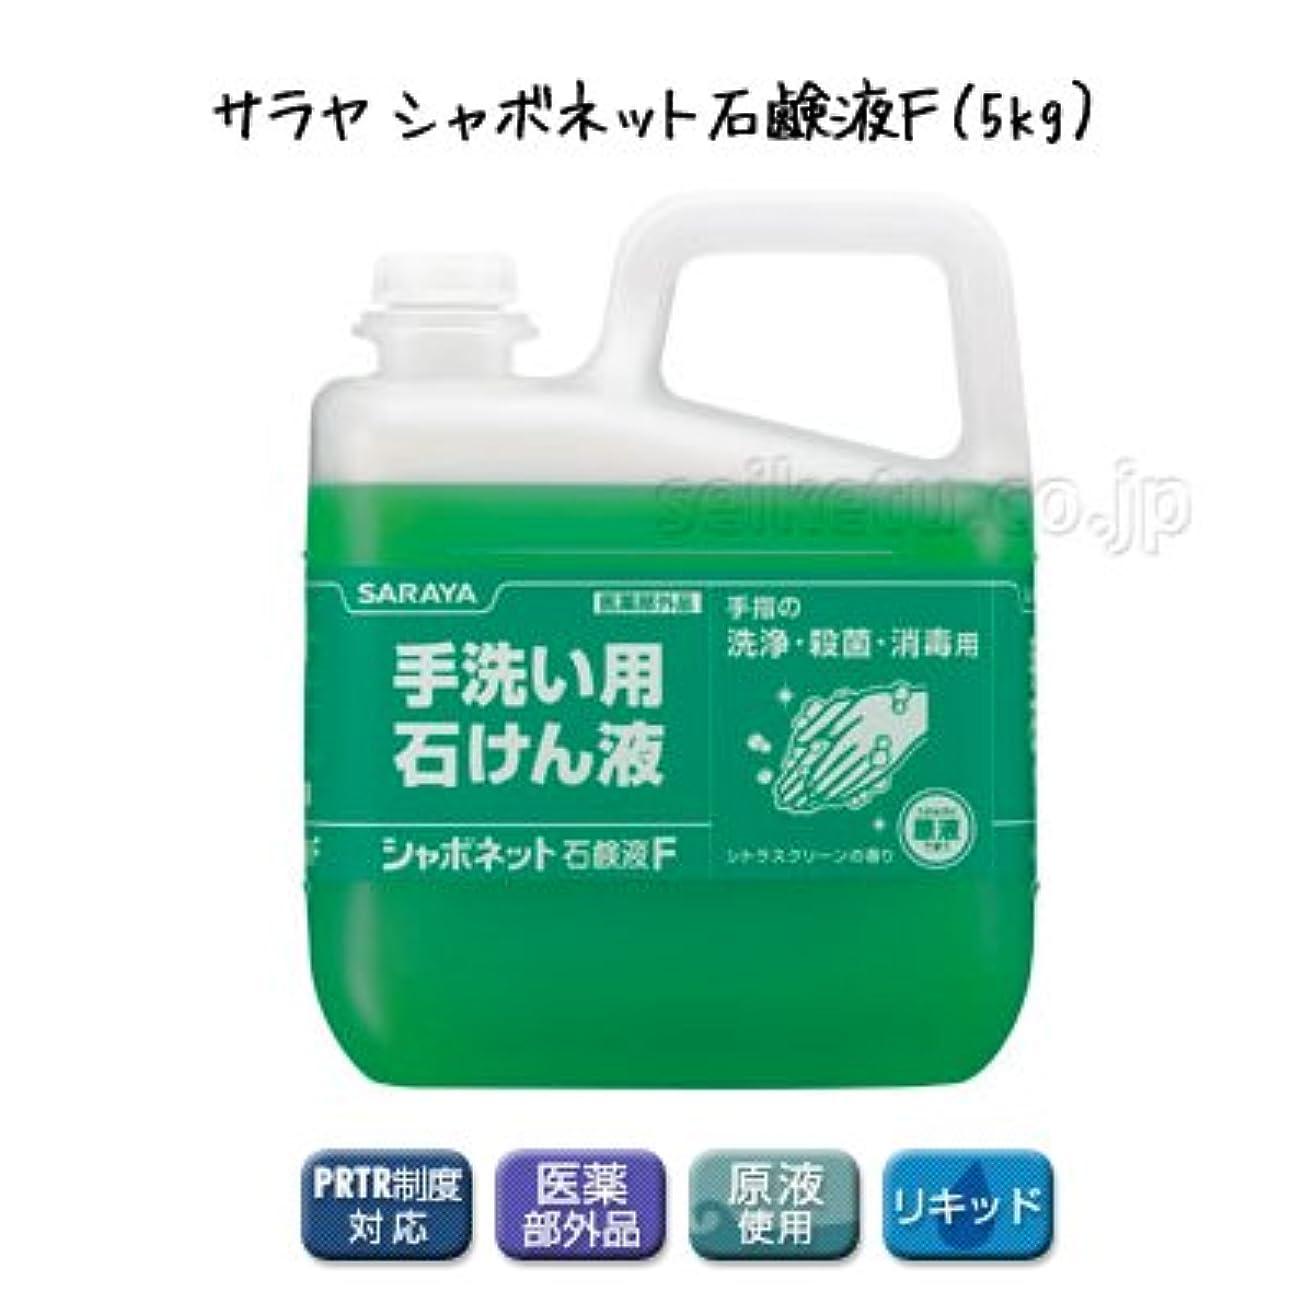 使役盗難壊滅的な【清潔キレイ館】サラヤ シャボネット石鹸液F(5kg)